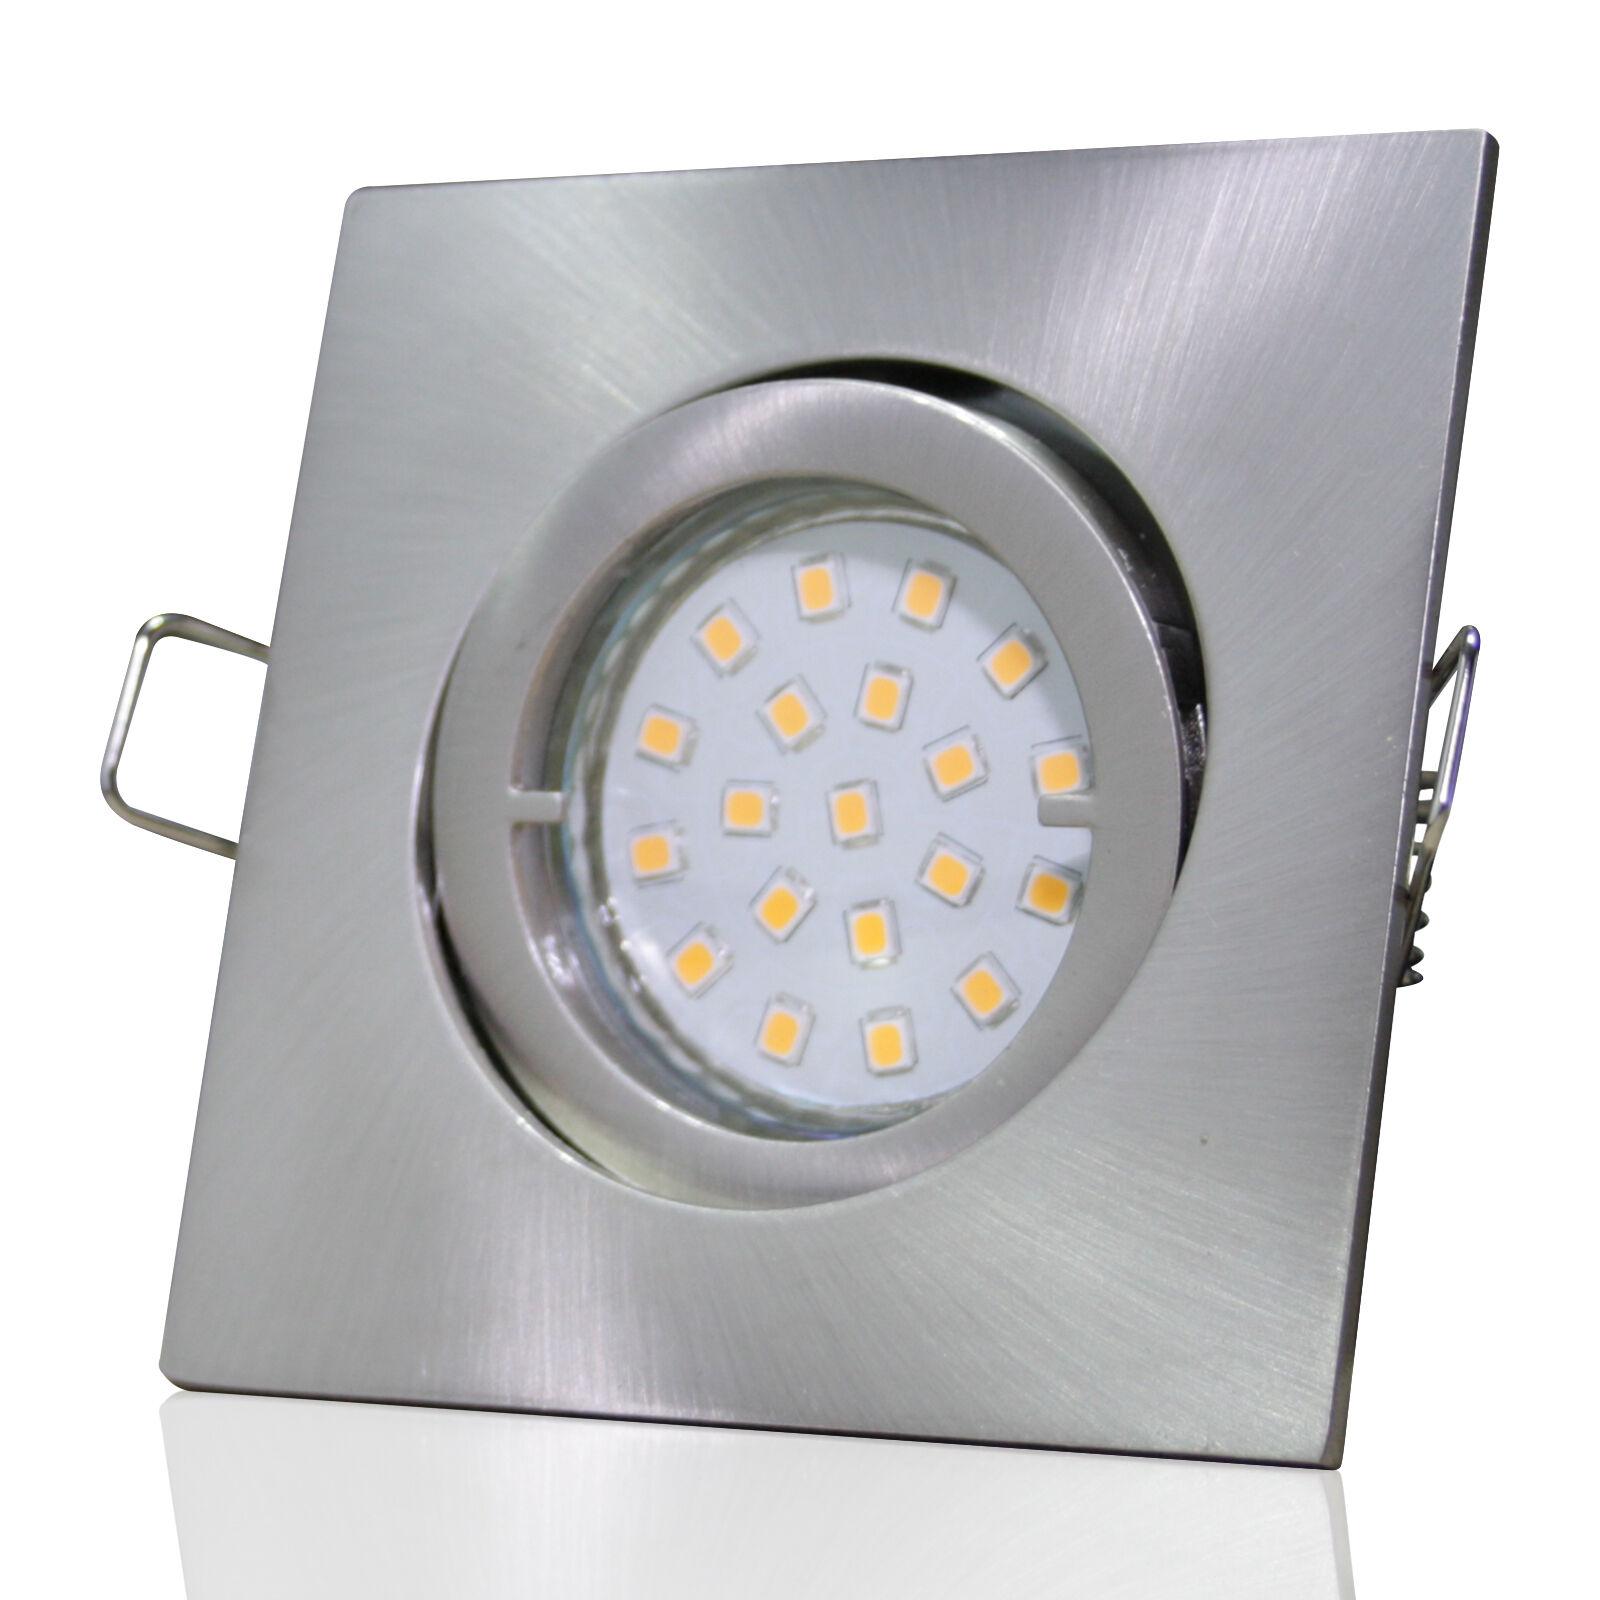 10 x SMD Einbauleuchten Dario 230Volt Strahler 3W Power LED Einbaustrahler Spots